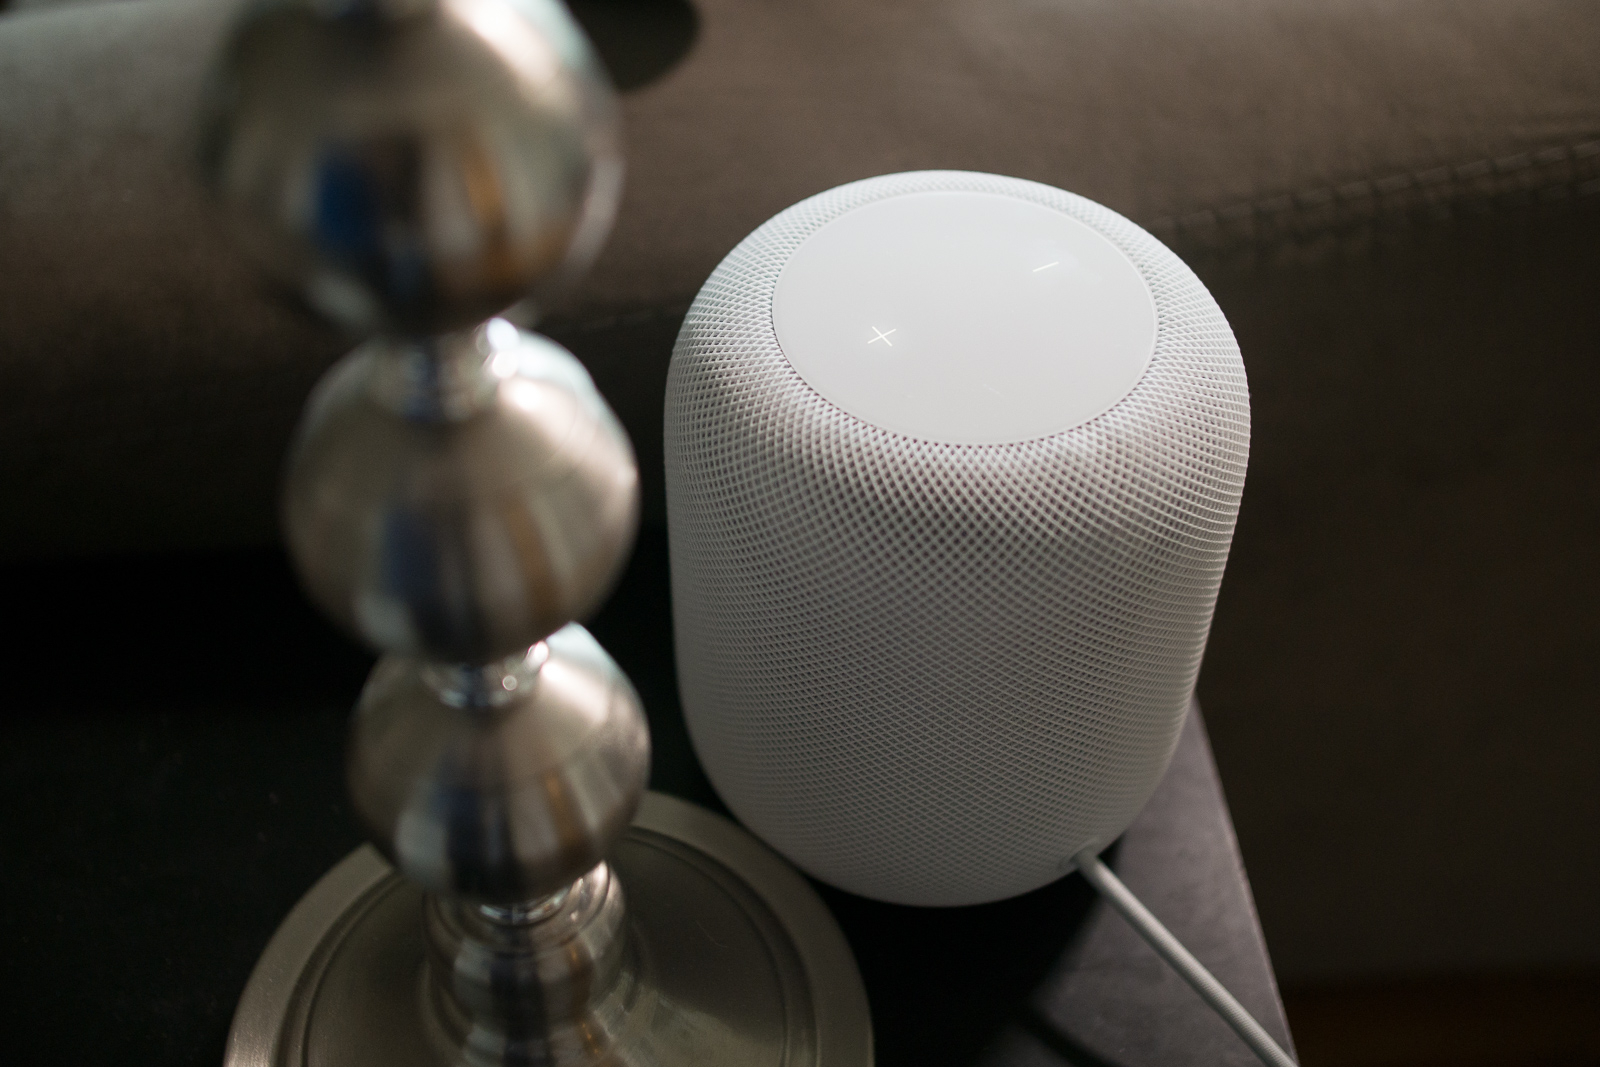 próximos Apple A atualização do HomePod pode adicionar um recurso há muito esperado